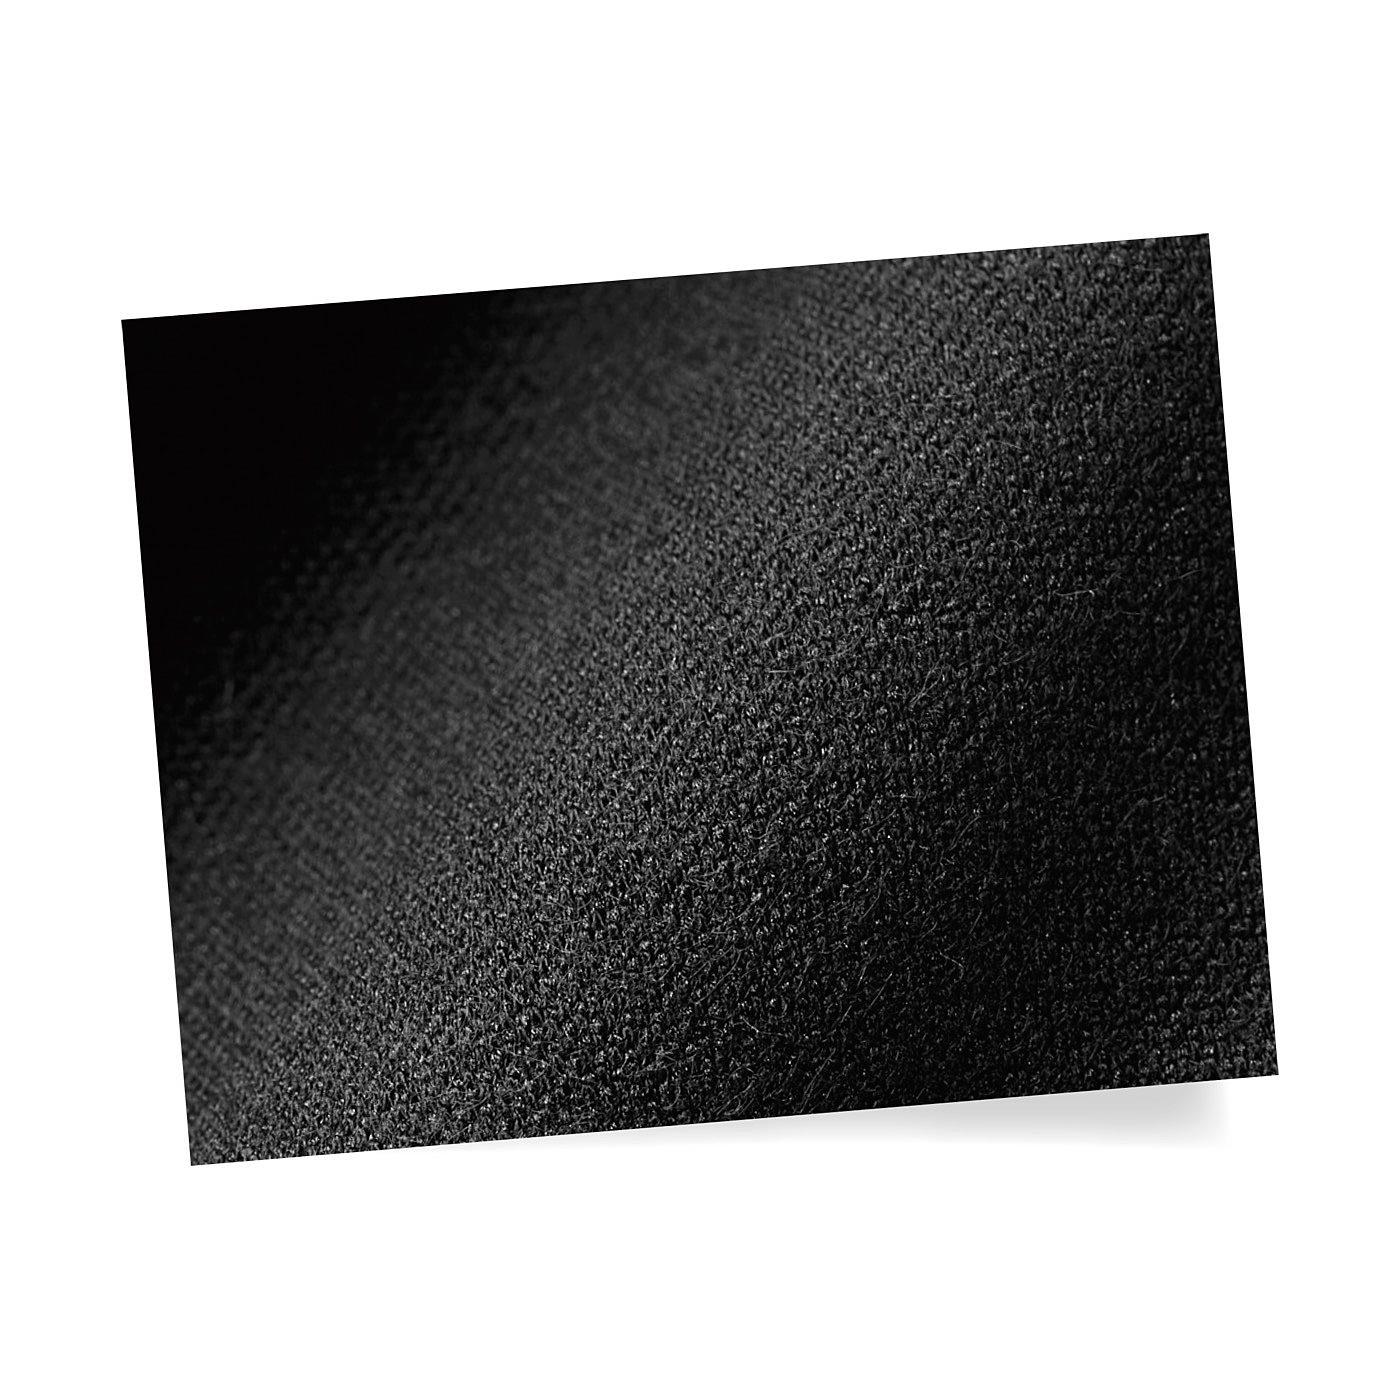 【ポイント1:らくちんカットソーで着心地よく快適】布はくに見えて、実は伸びやかなカットソー素材。適度な厚みと上品な表面感できちんときれい見えをキープ。【ポイント2:着回し力抜群!シンプルデザイン】シンプルで合わせやすく、トレンド感もさりげなく盛り込んだ洗練の大人シルエットですっきり。